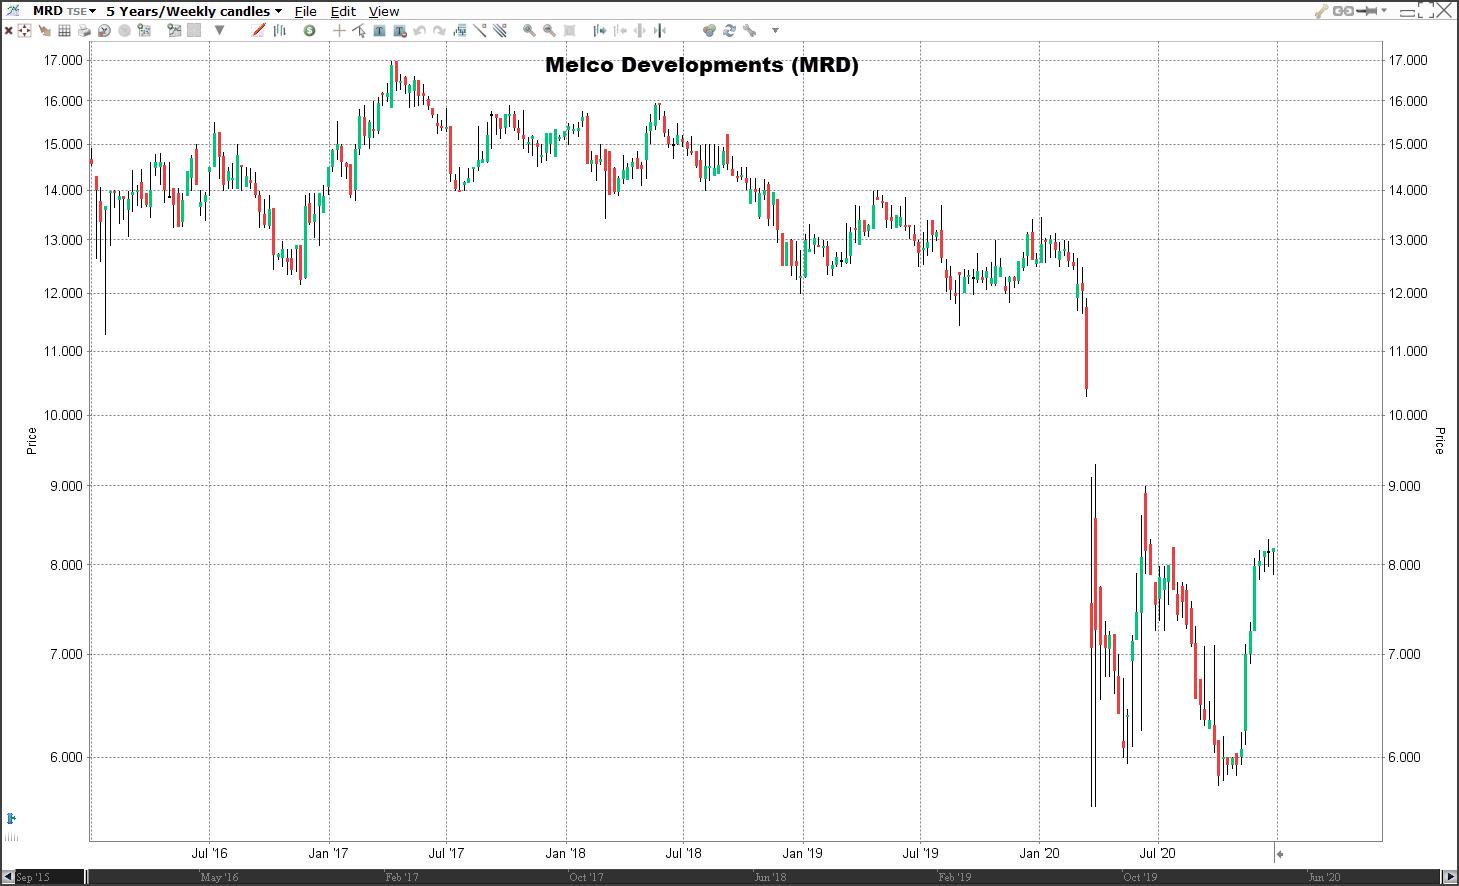 Aandeel Melcor Developments koers | Welke aandelen kopen 2021?